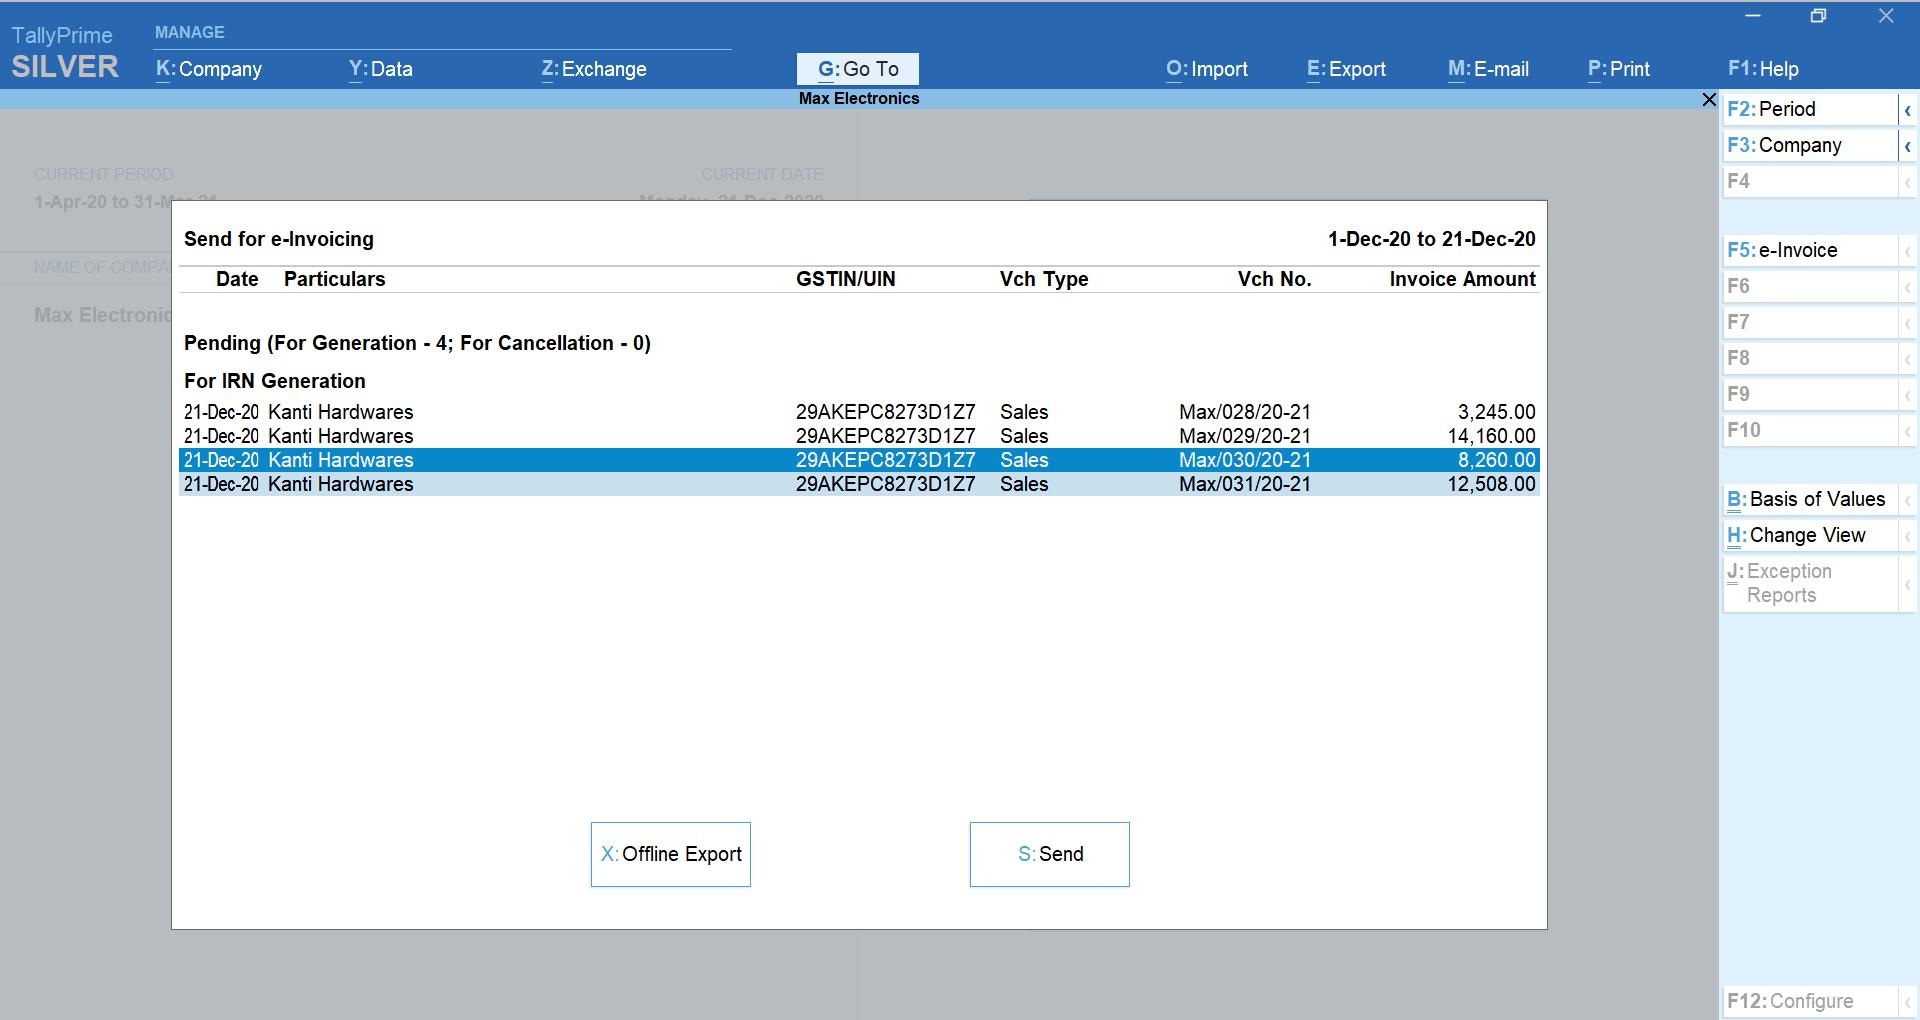 Generating bulk e-invoice in TallyPrime